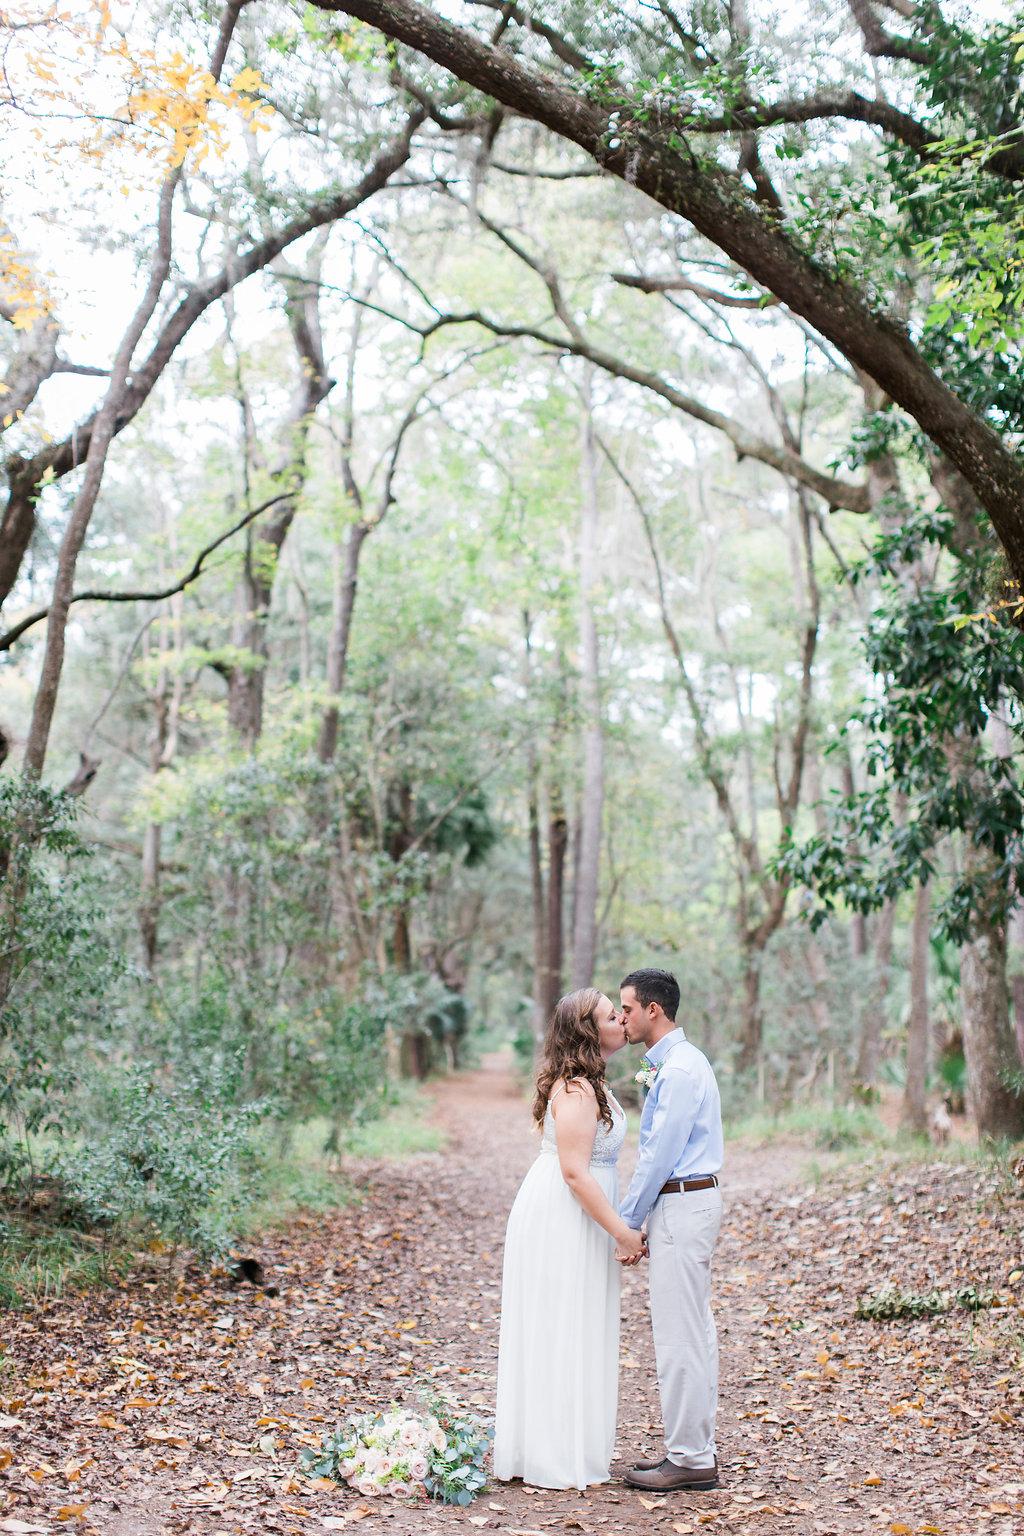 Savannah_Wedding_Photography_AptBPhotography_Elopements452.JPG